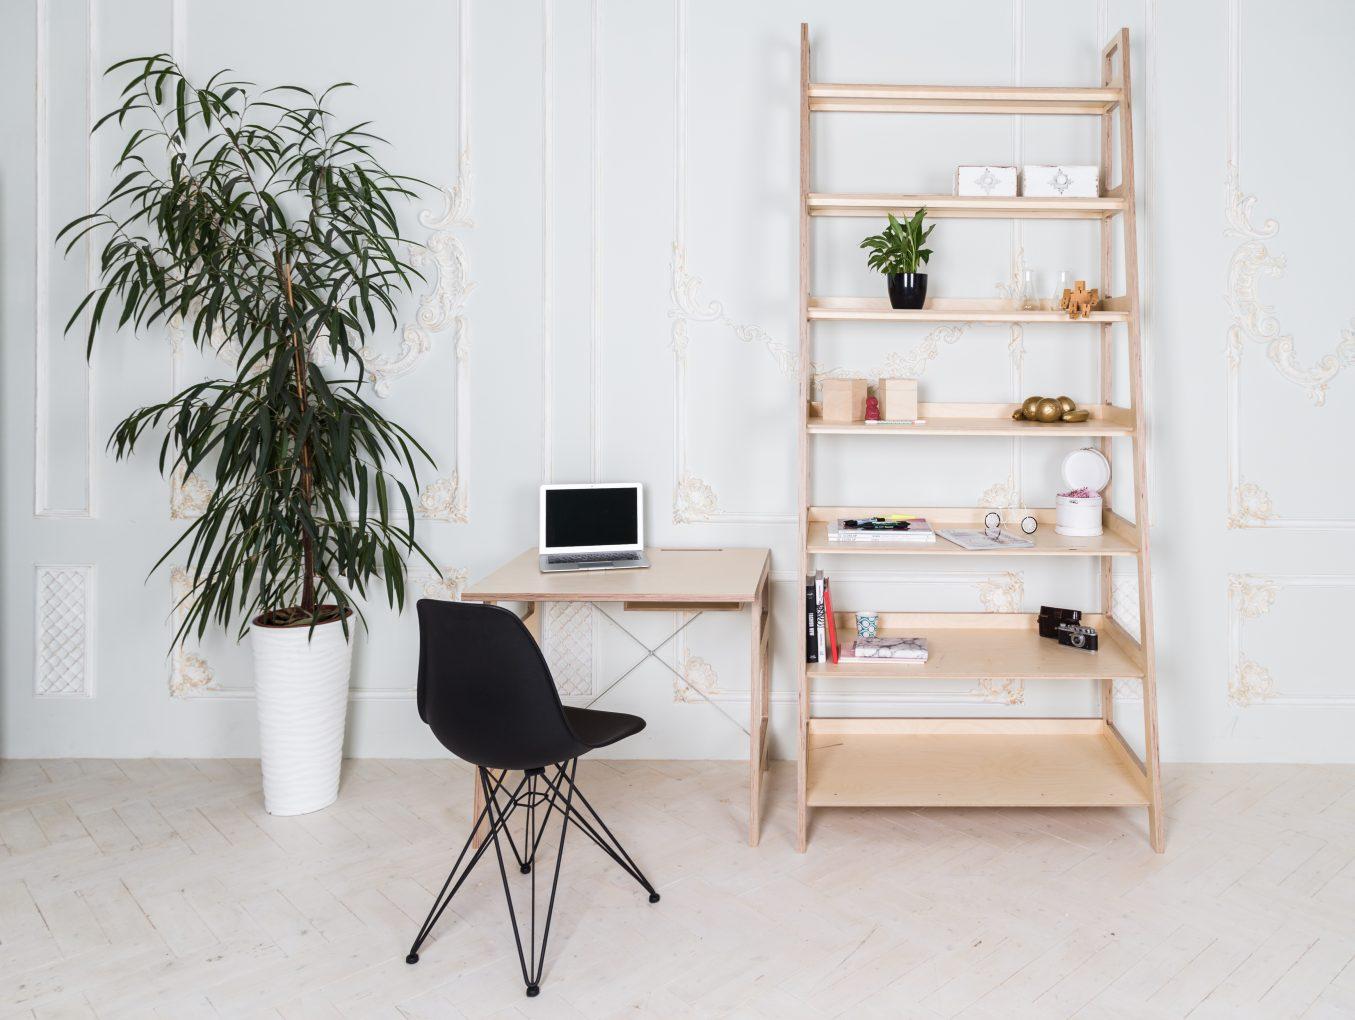 Мебель в скандинавском стиле из фанеры